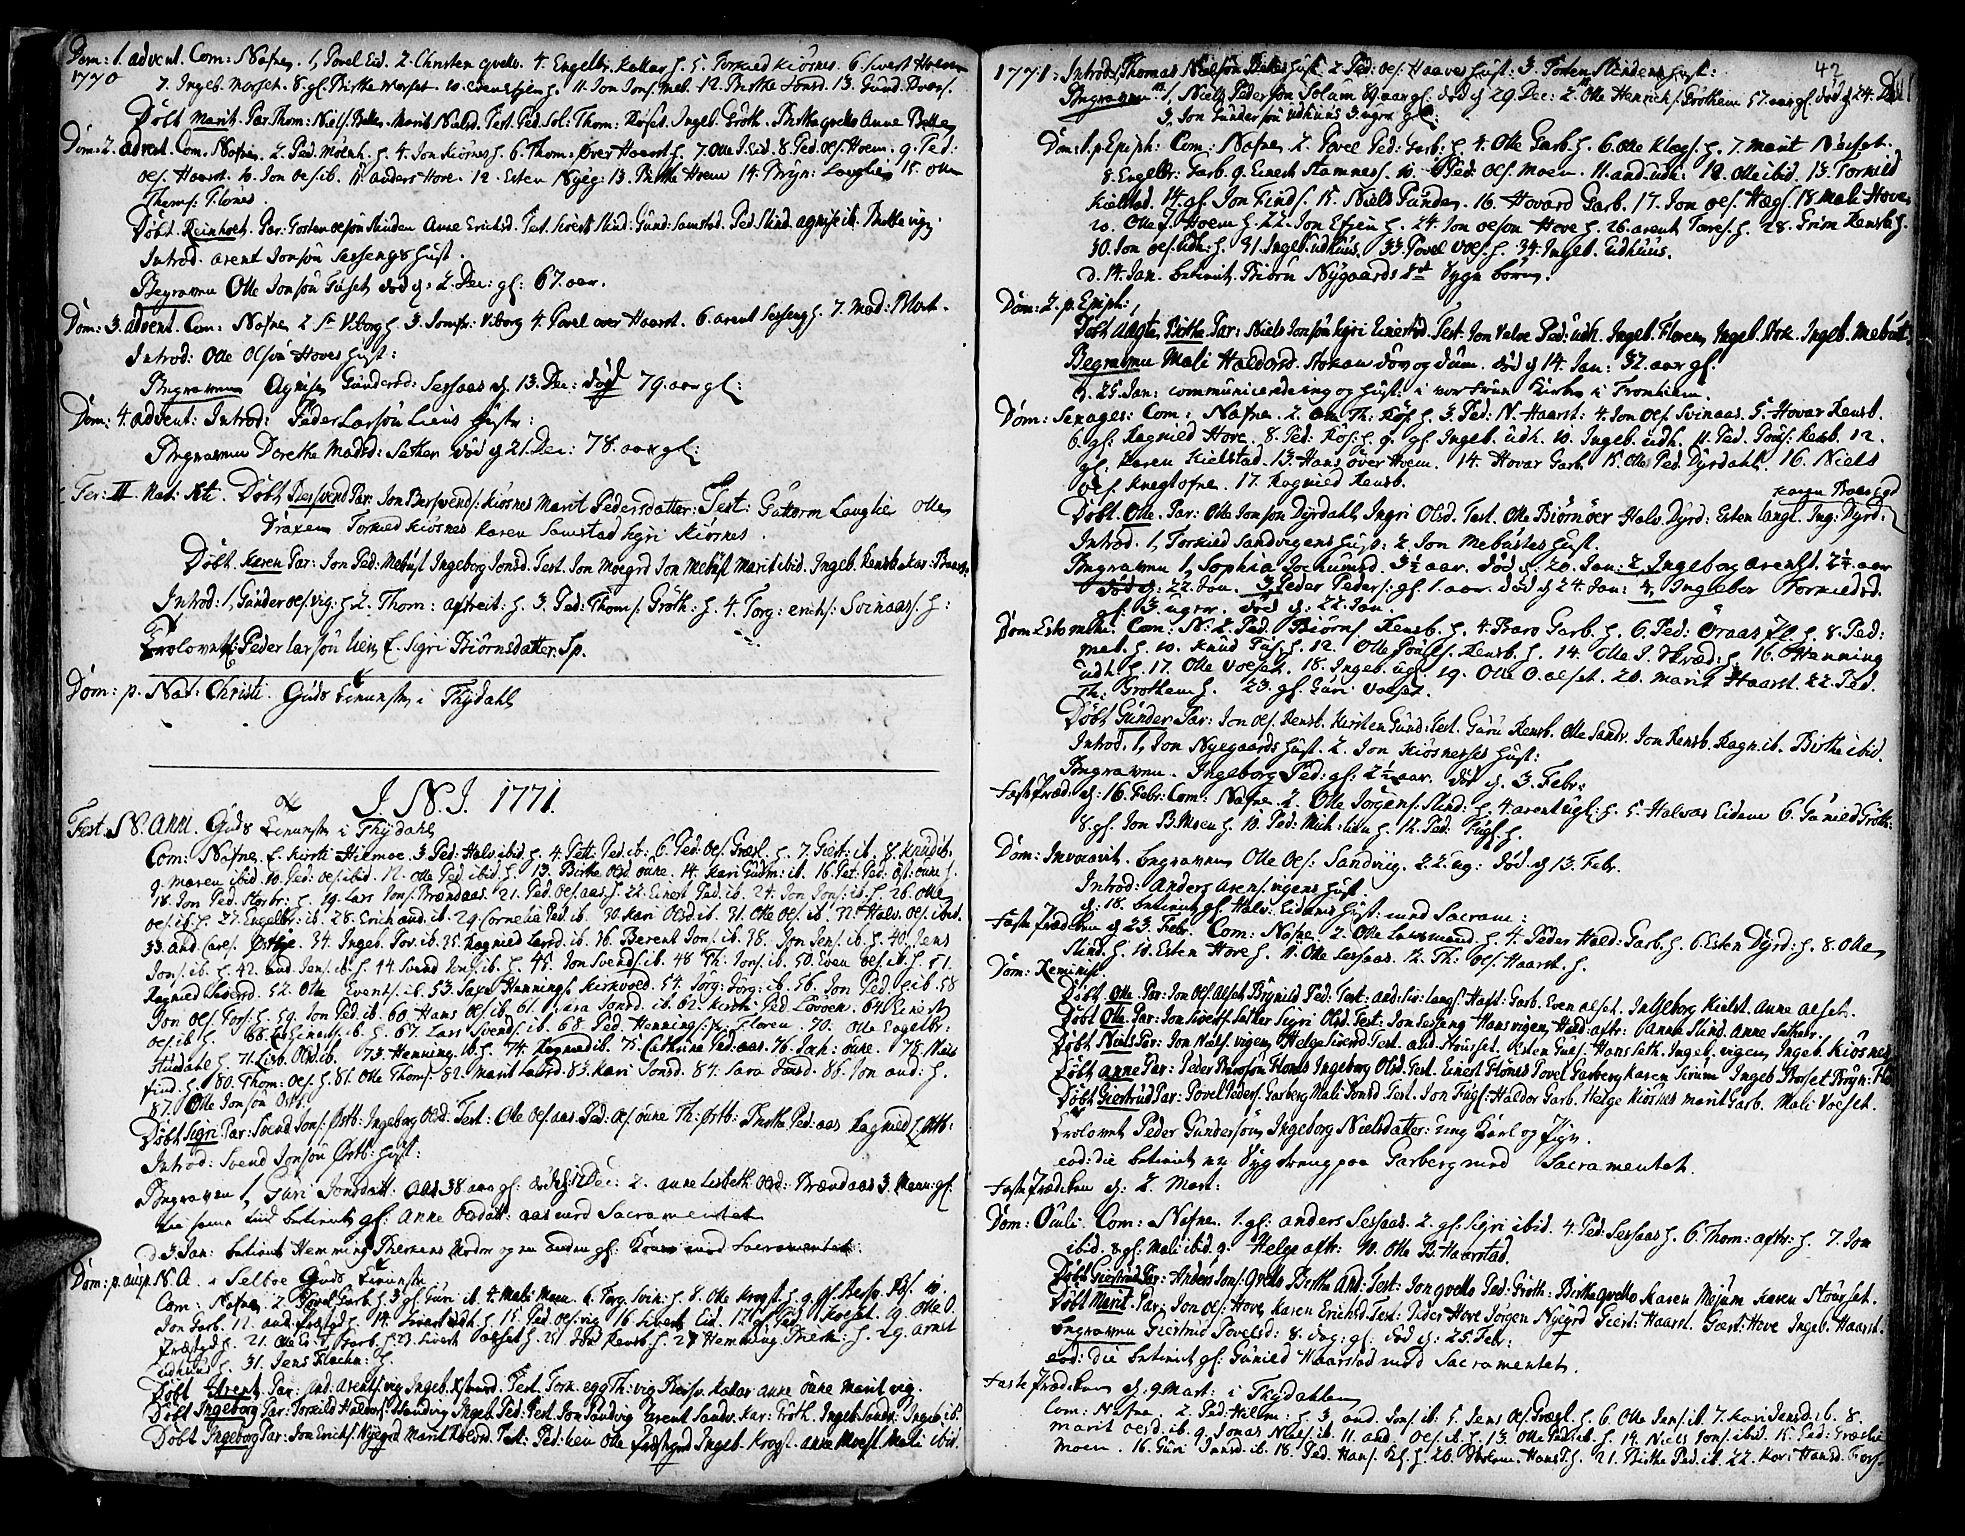 SAT, Ministerialprotokoller, klokkerbøker og fødselsregistre - Sør-Trøndelag, 695/L1138: Ministerialbok nr. 695A02 /1, 1757-1801, s. 42